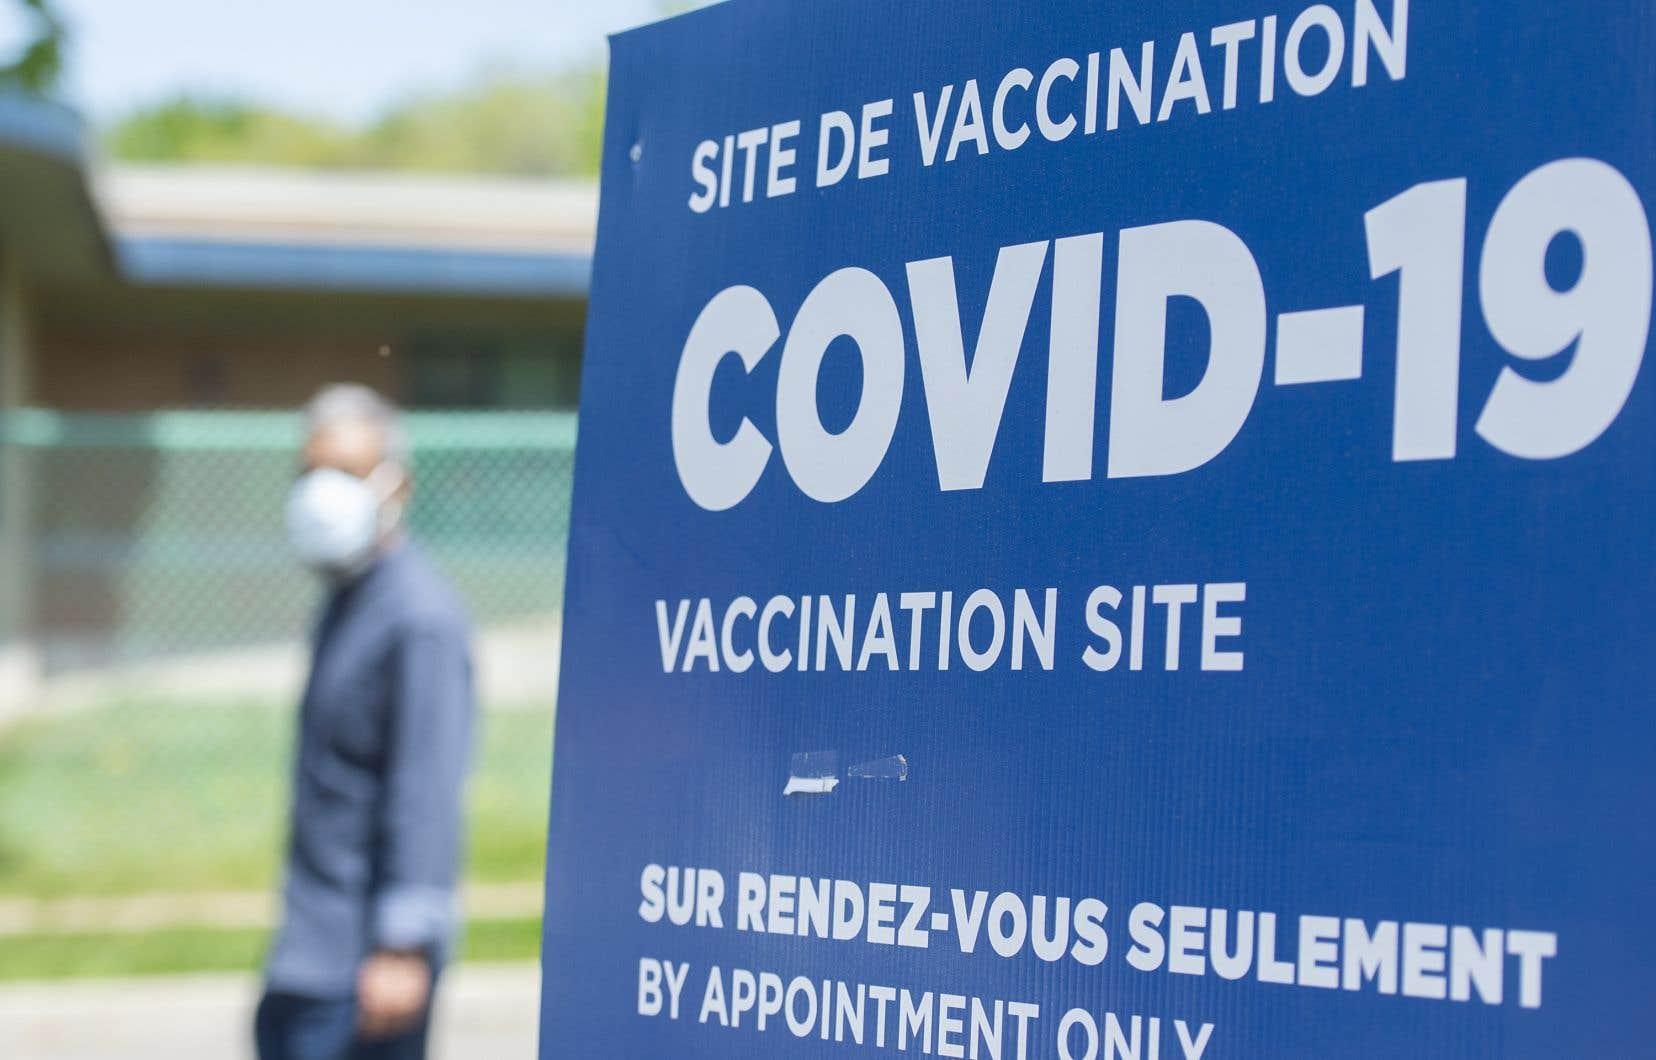 Les relations entre les Canadiens vaccinés et non vaccinés sont perçues comme étant mises à mal par deux répondants sur trois, mentionne le président de l'Association d'études canadiennes.